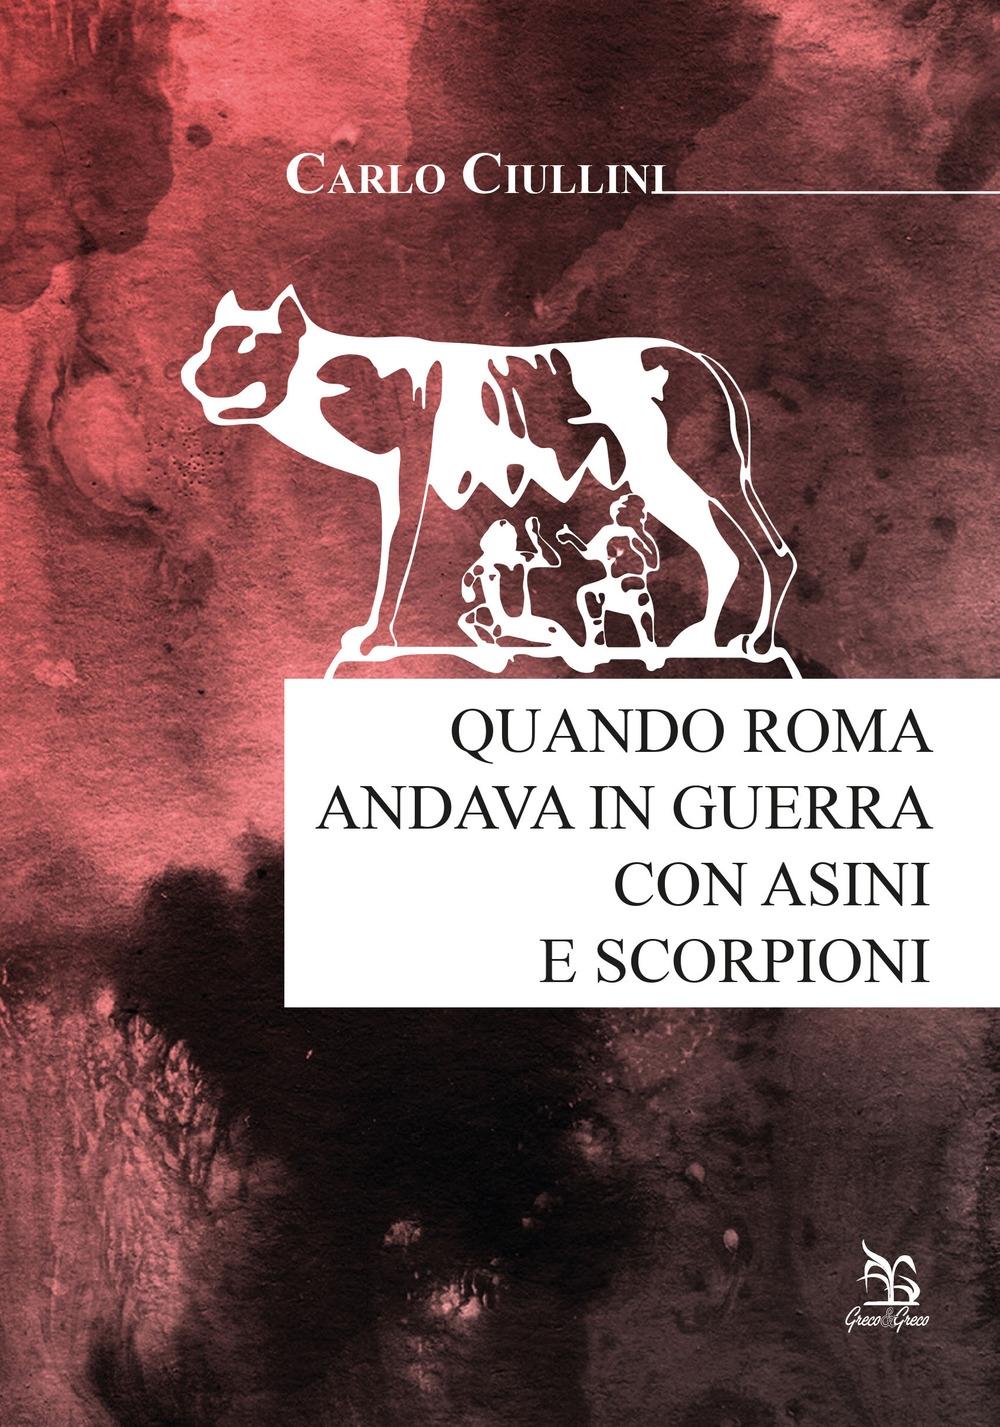 Quando Roma andava in guerra con asini e scorpioni